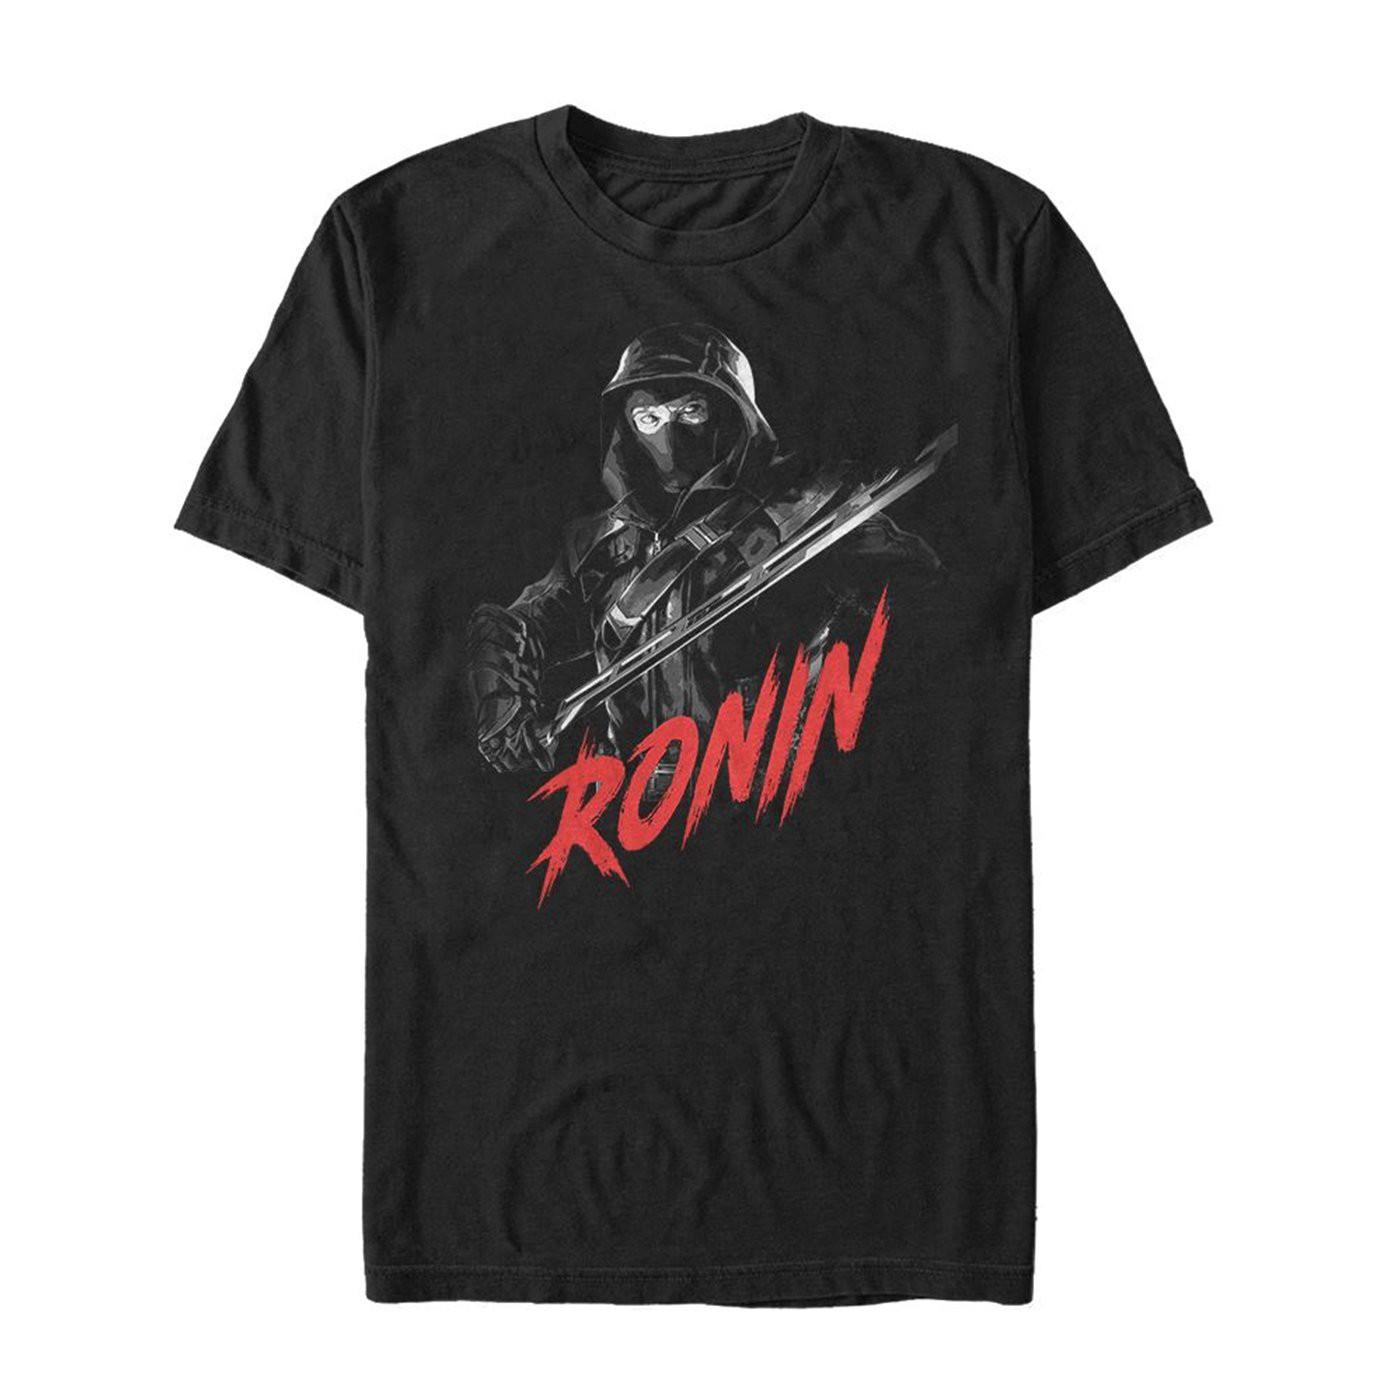 Avengers Endgame Ronin Heroic Shot Men's T-Shirt